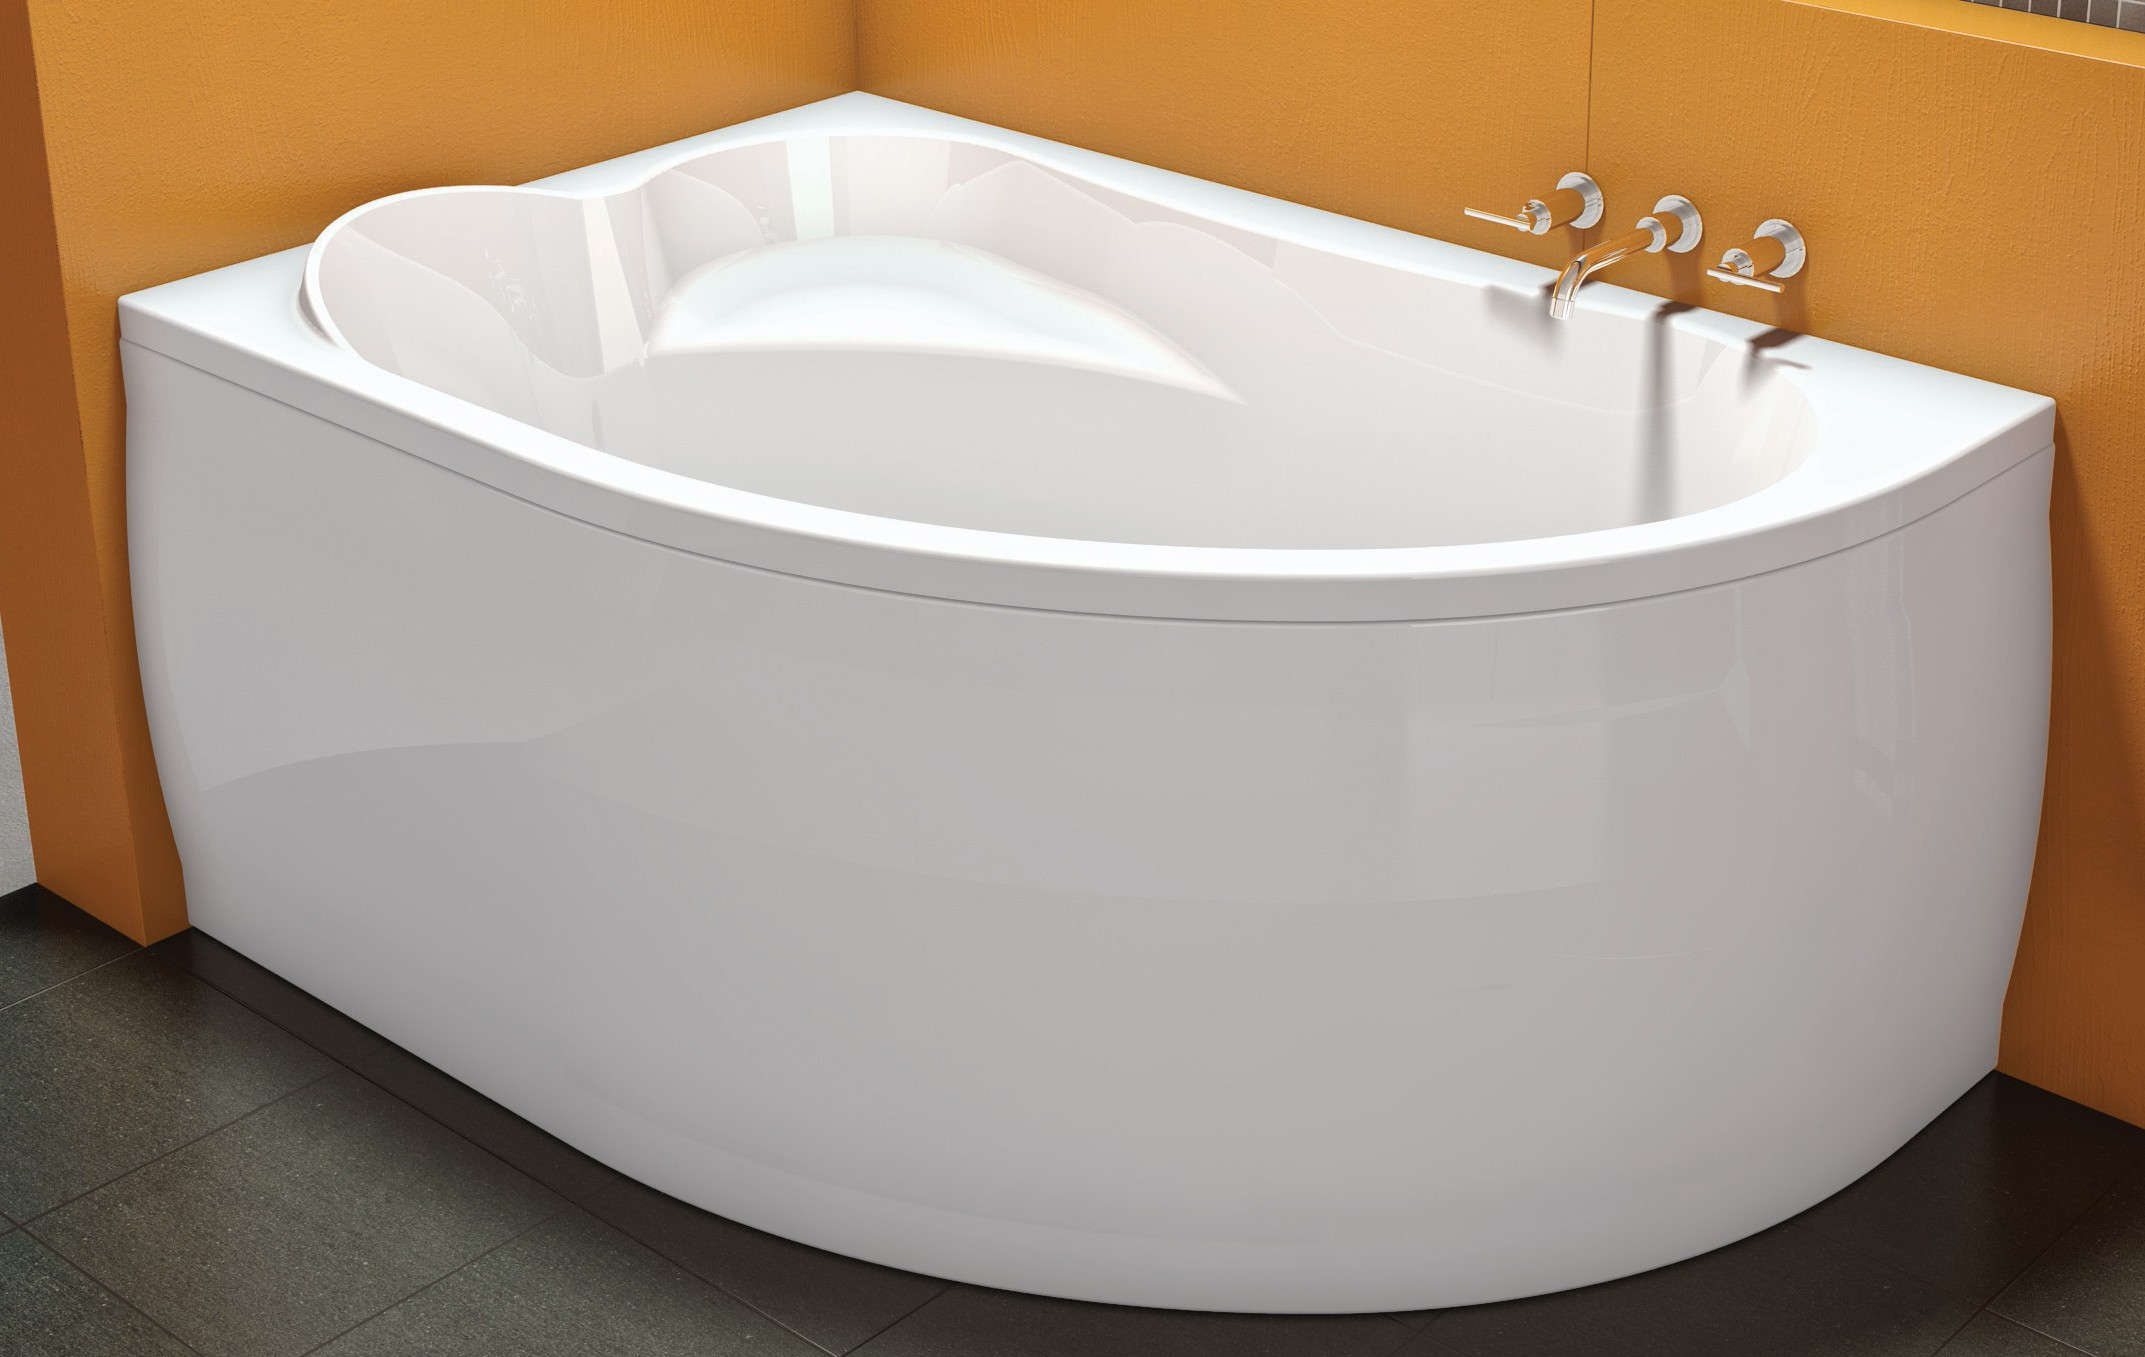 Отзывы покупателей об акриловой ванне и рейтинг производителей